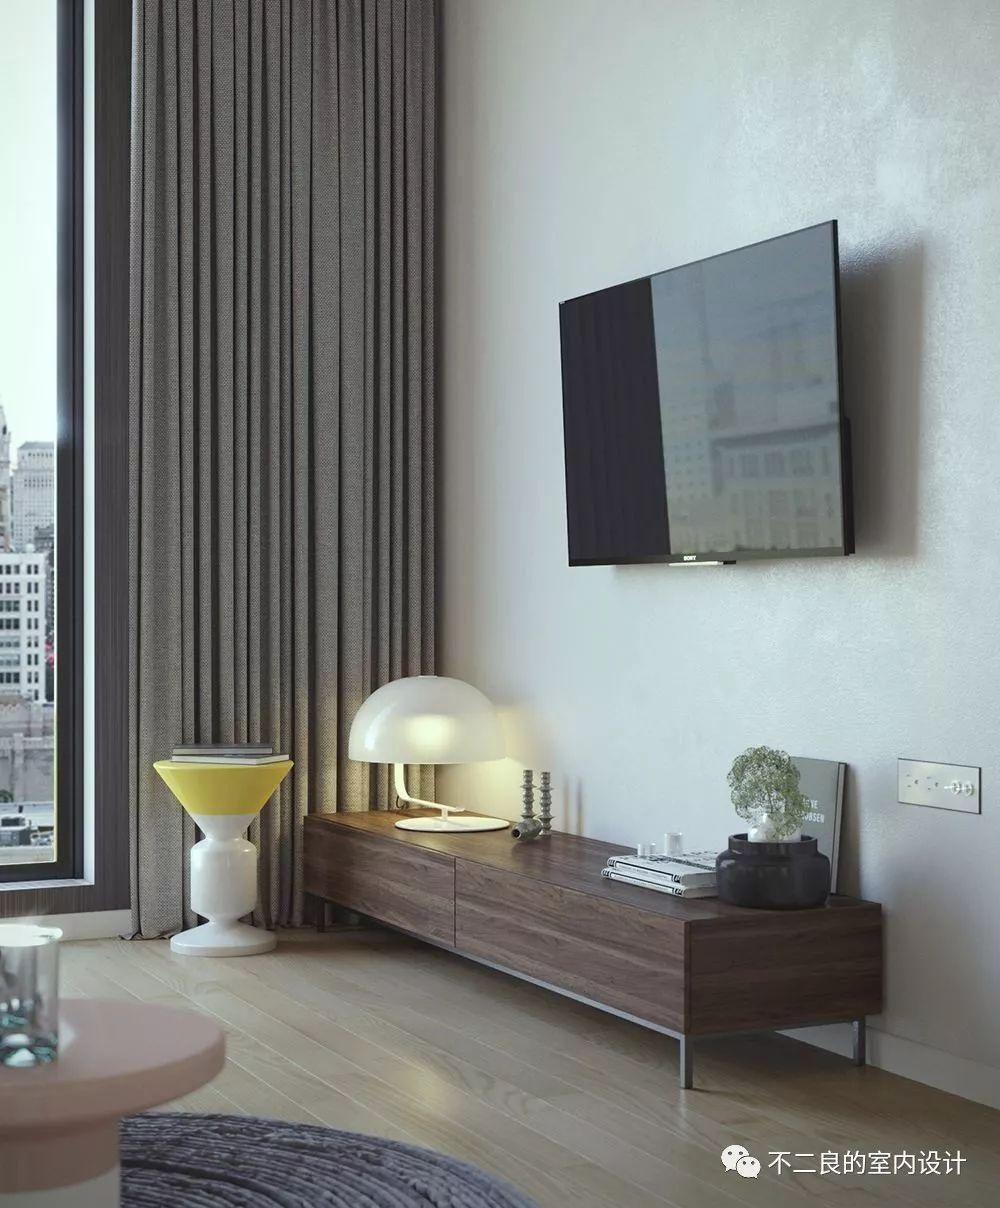 室内设计案例分析,规则的设计公寓什么是竖向设计平面图图片